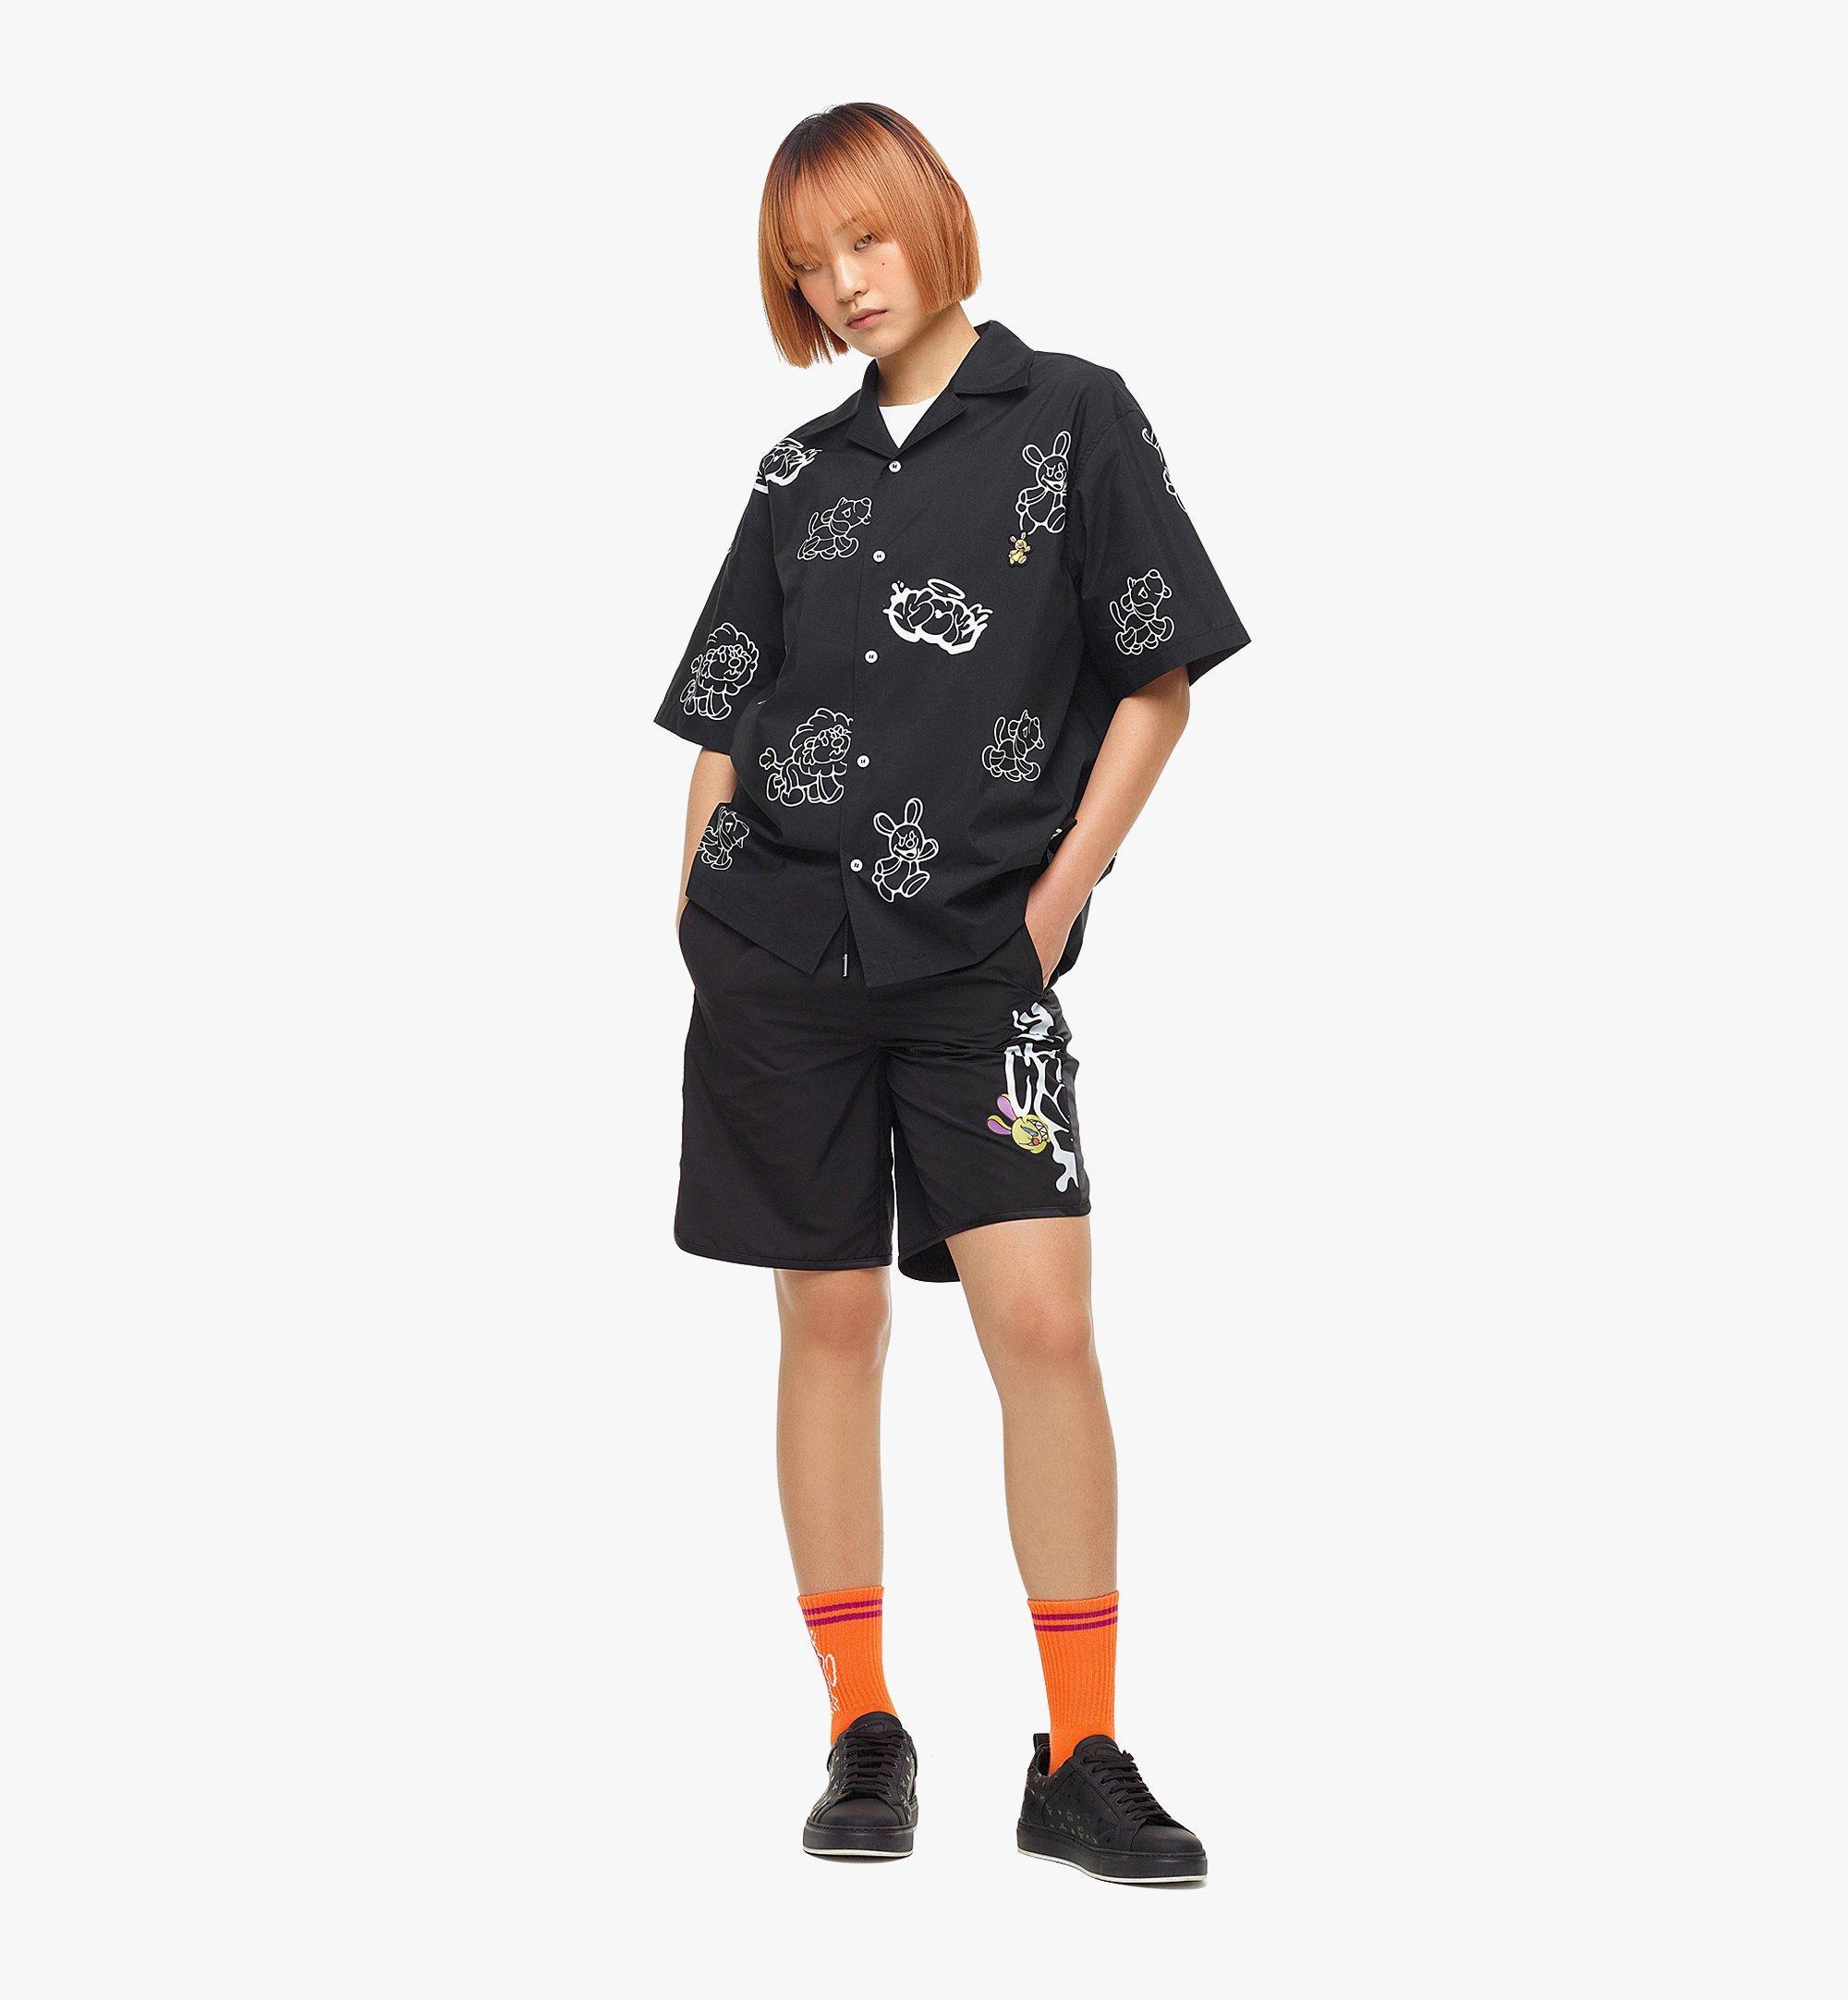 MCM MCM x SAMBYPEN 男士短袖襯衫 Black MHHBASP01BK00L 更多視圖 5